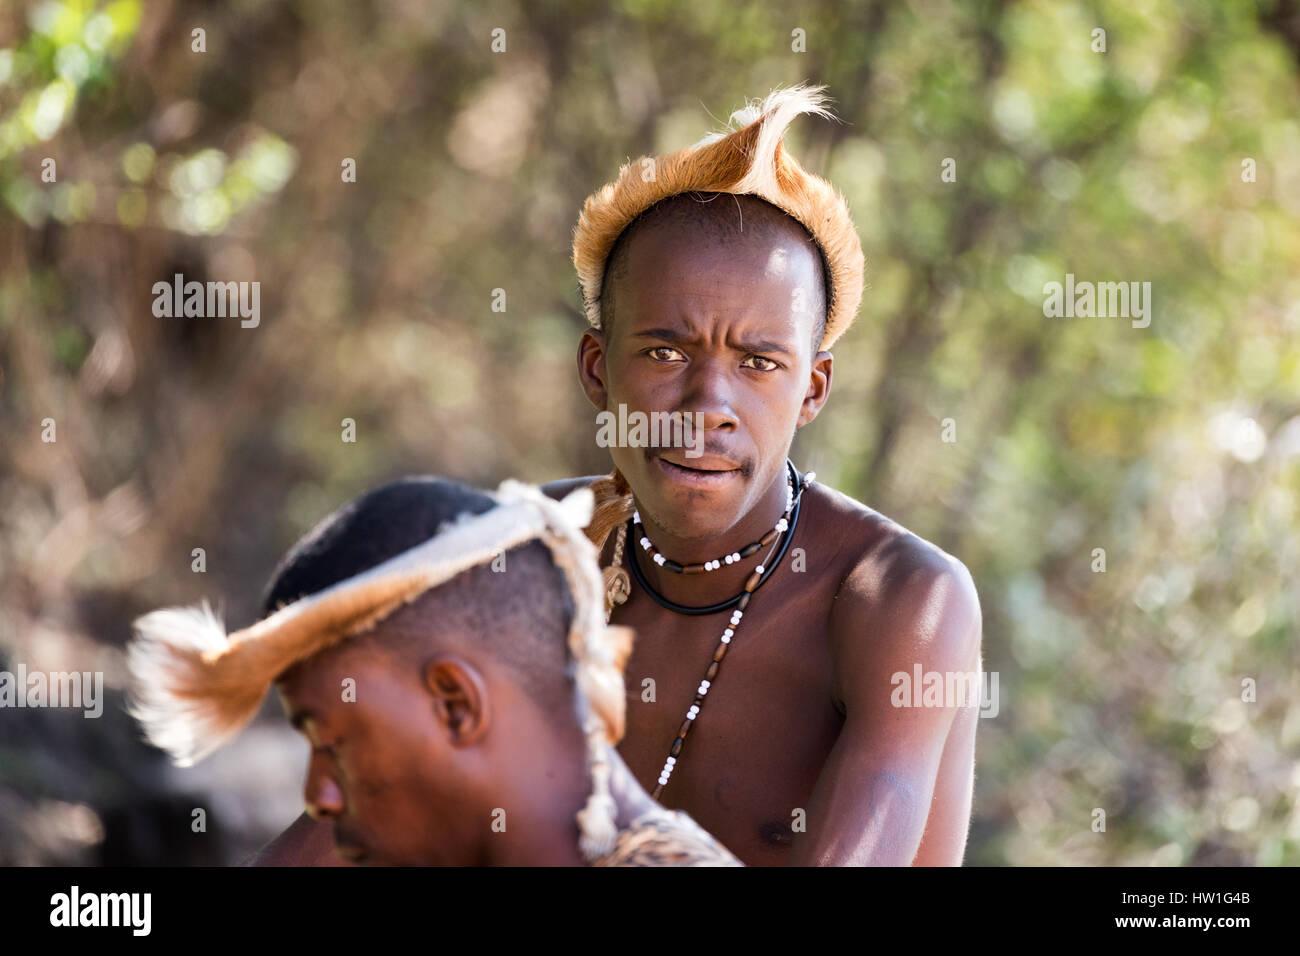 El Poblado Cultural de Lesedi, SUDÁFRICA - 4 noviembre 2016: Zulu germanos vistiendo la piel de impala tocado. Zulu es uno de los cinco principales tribus en el sur de AF Foto de stock